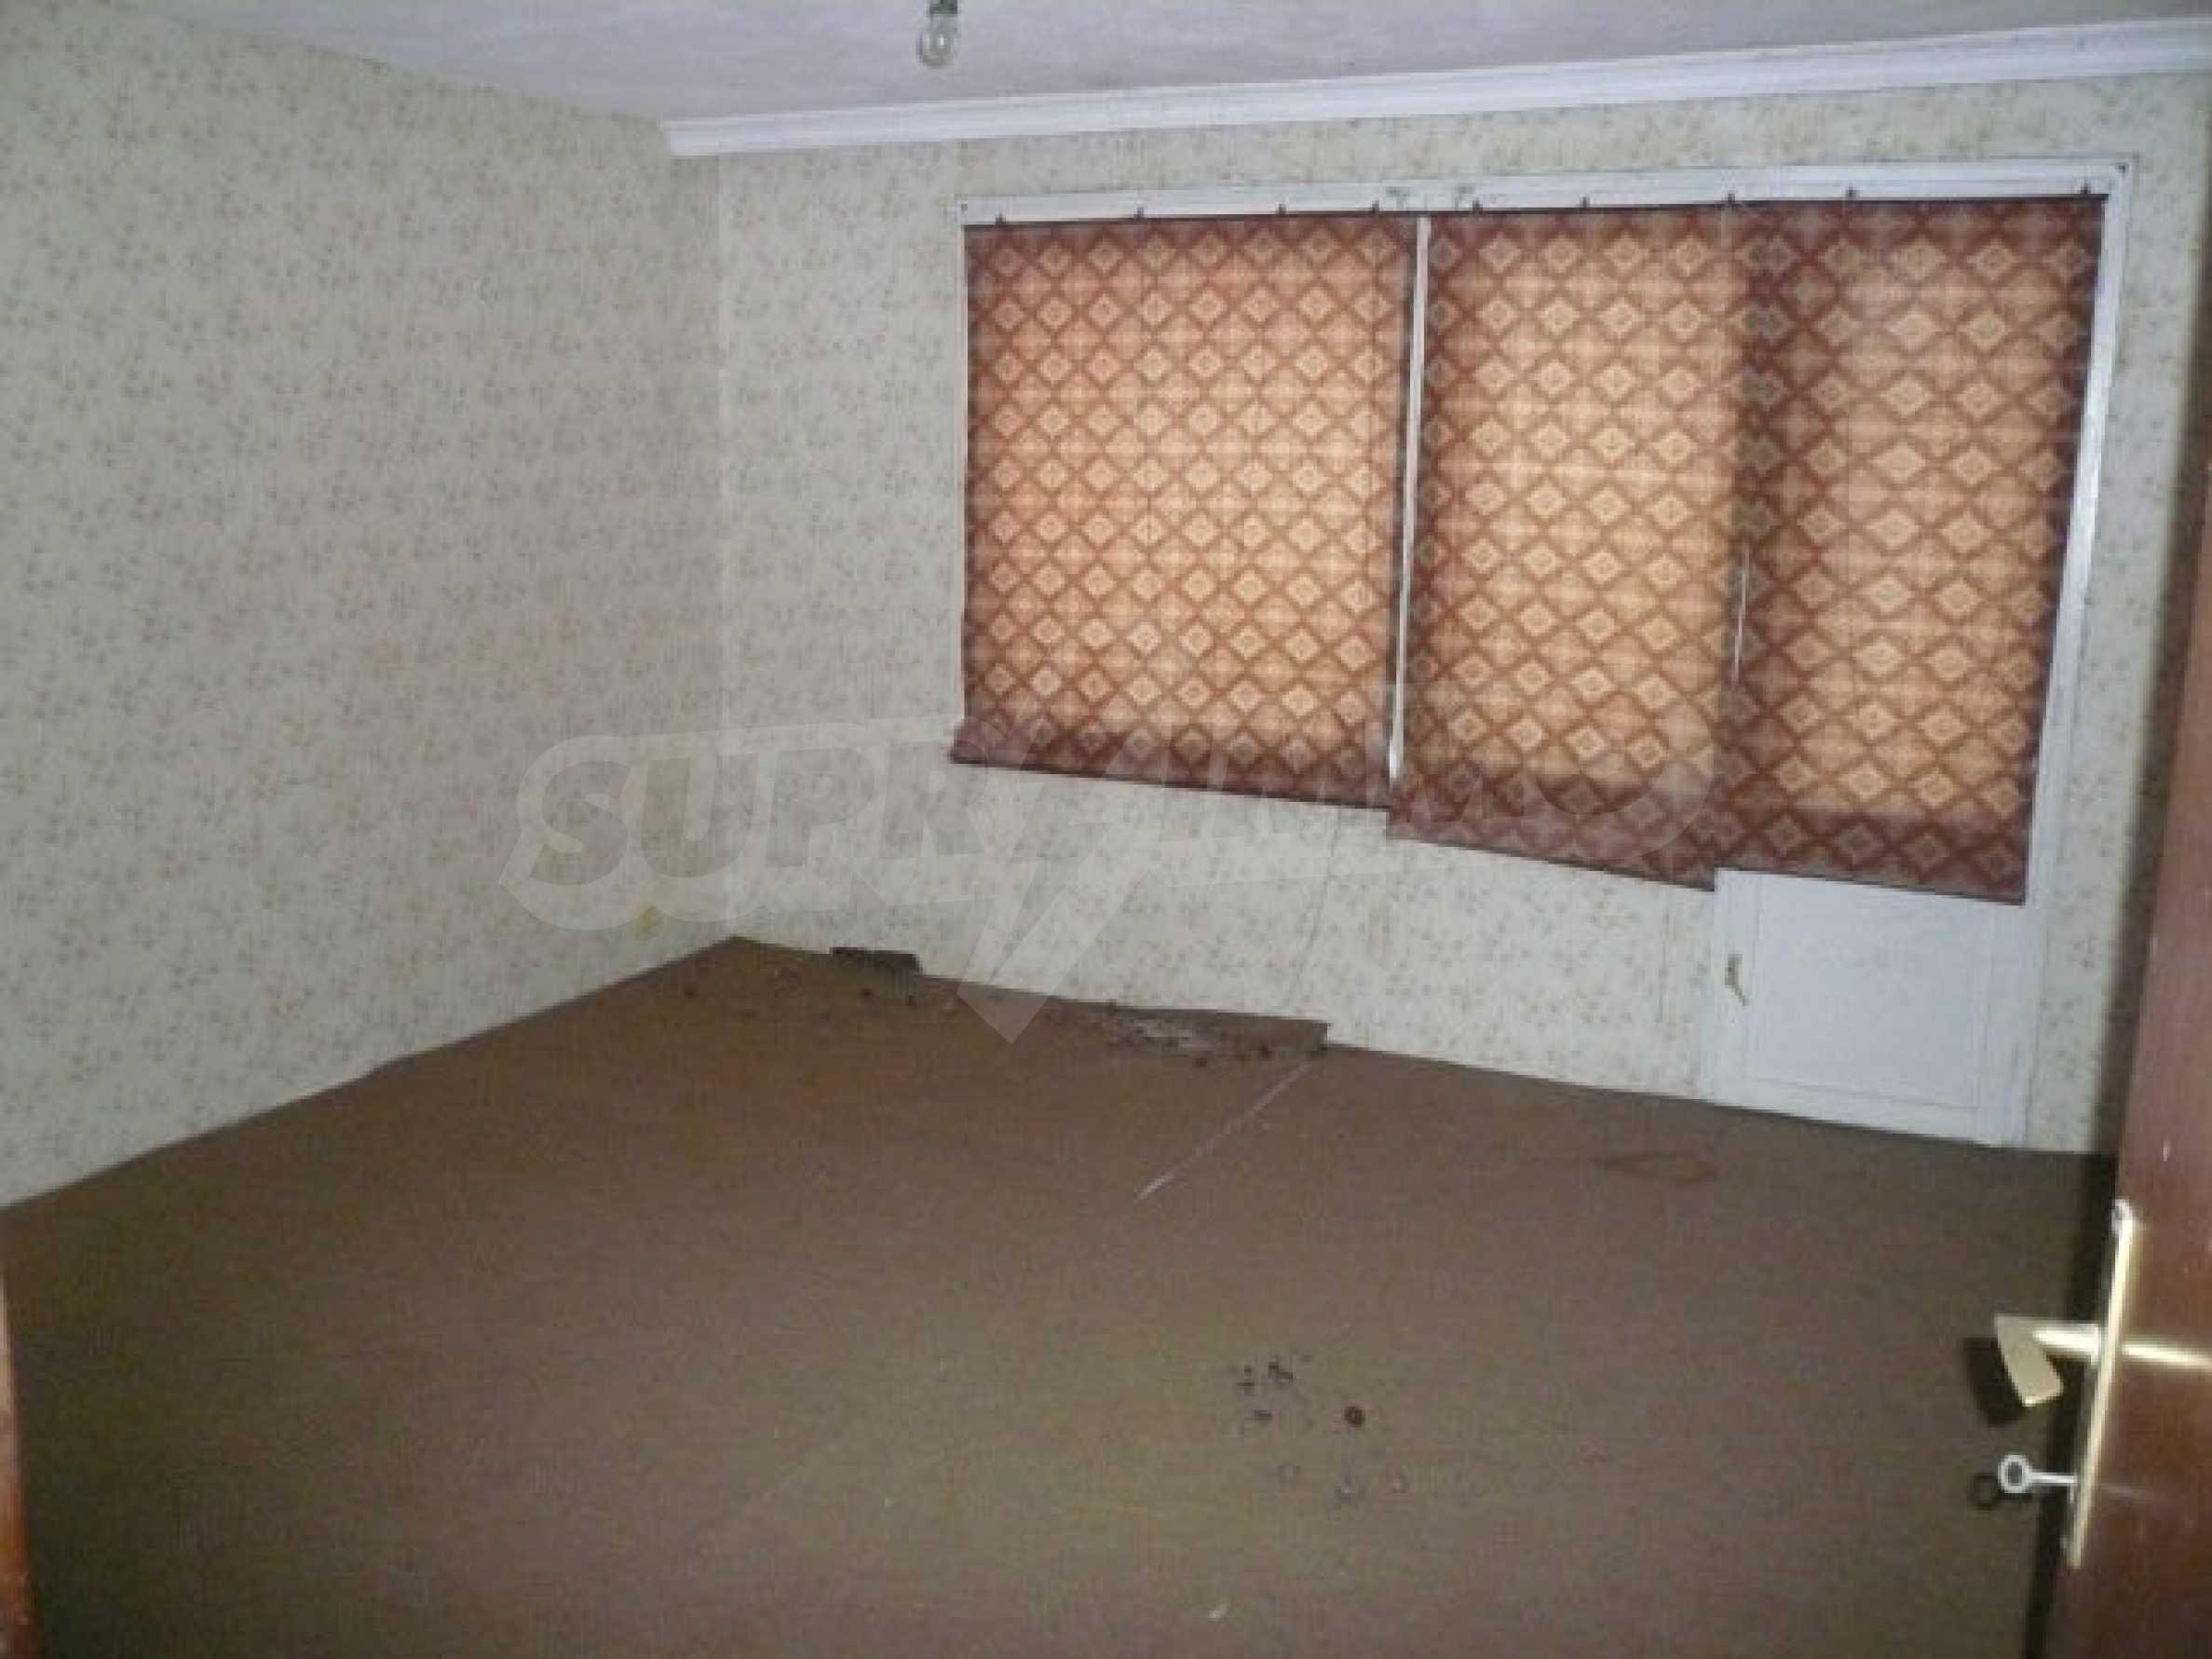 Haus zum Verkauf in der Nähe von Vidin, Bulgarien 16